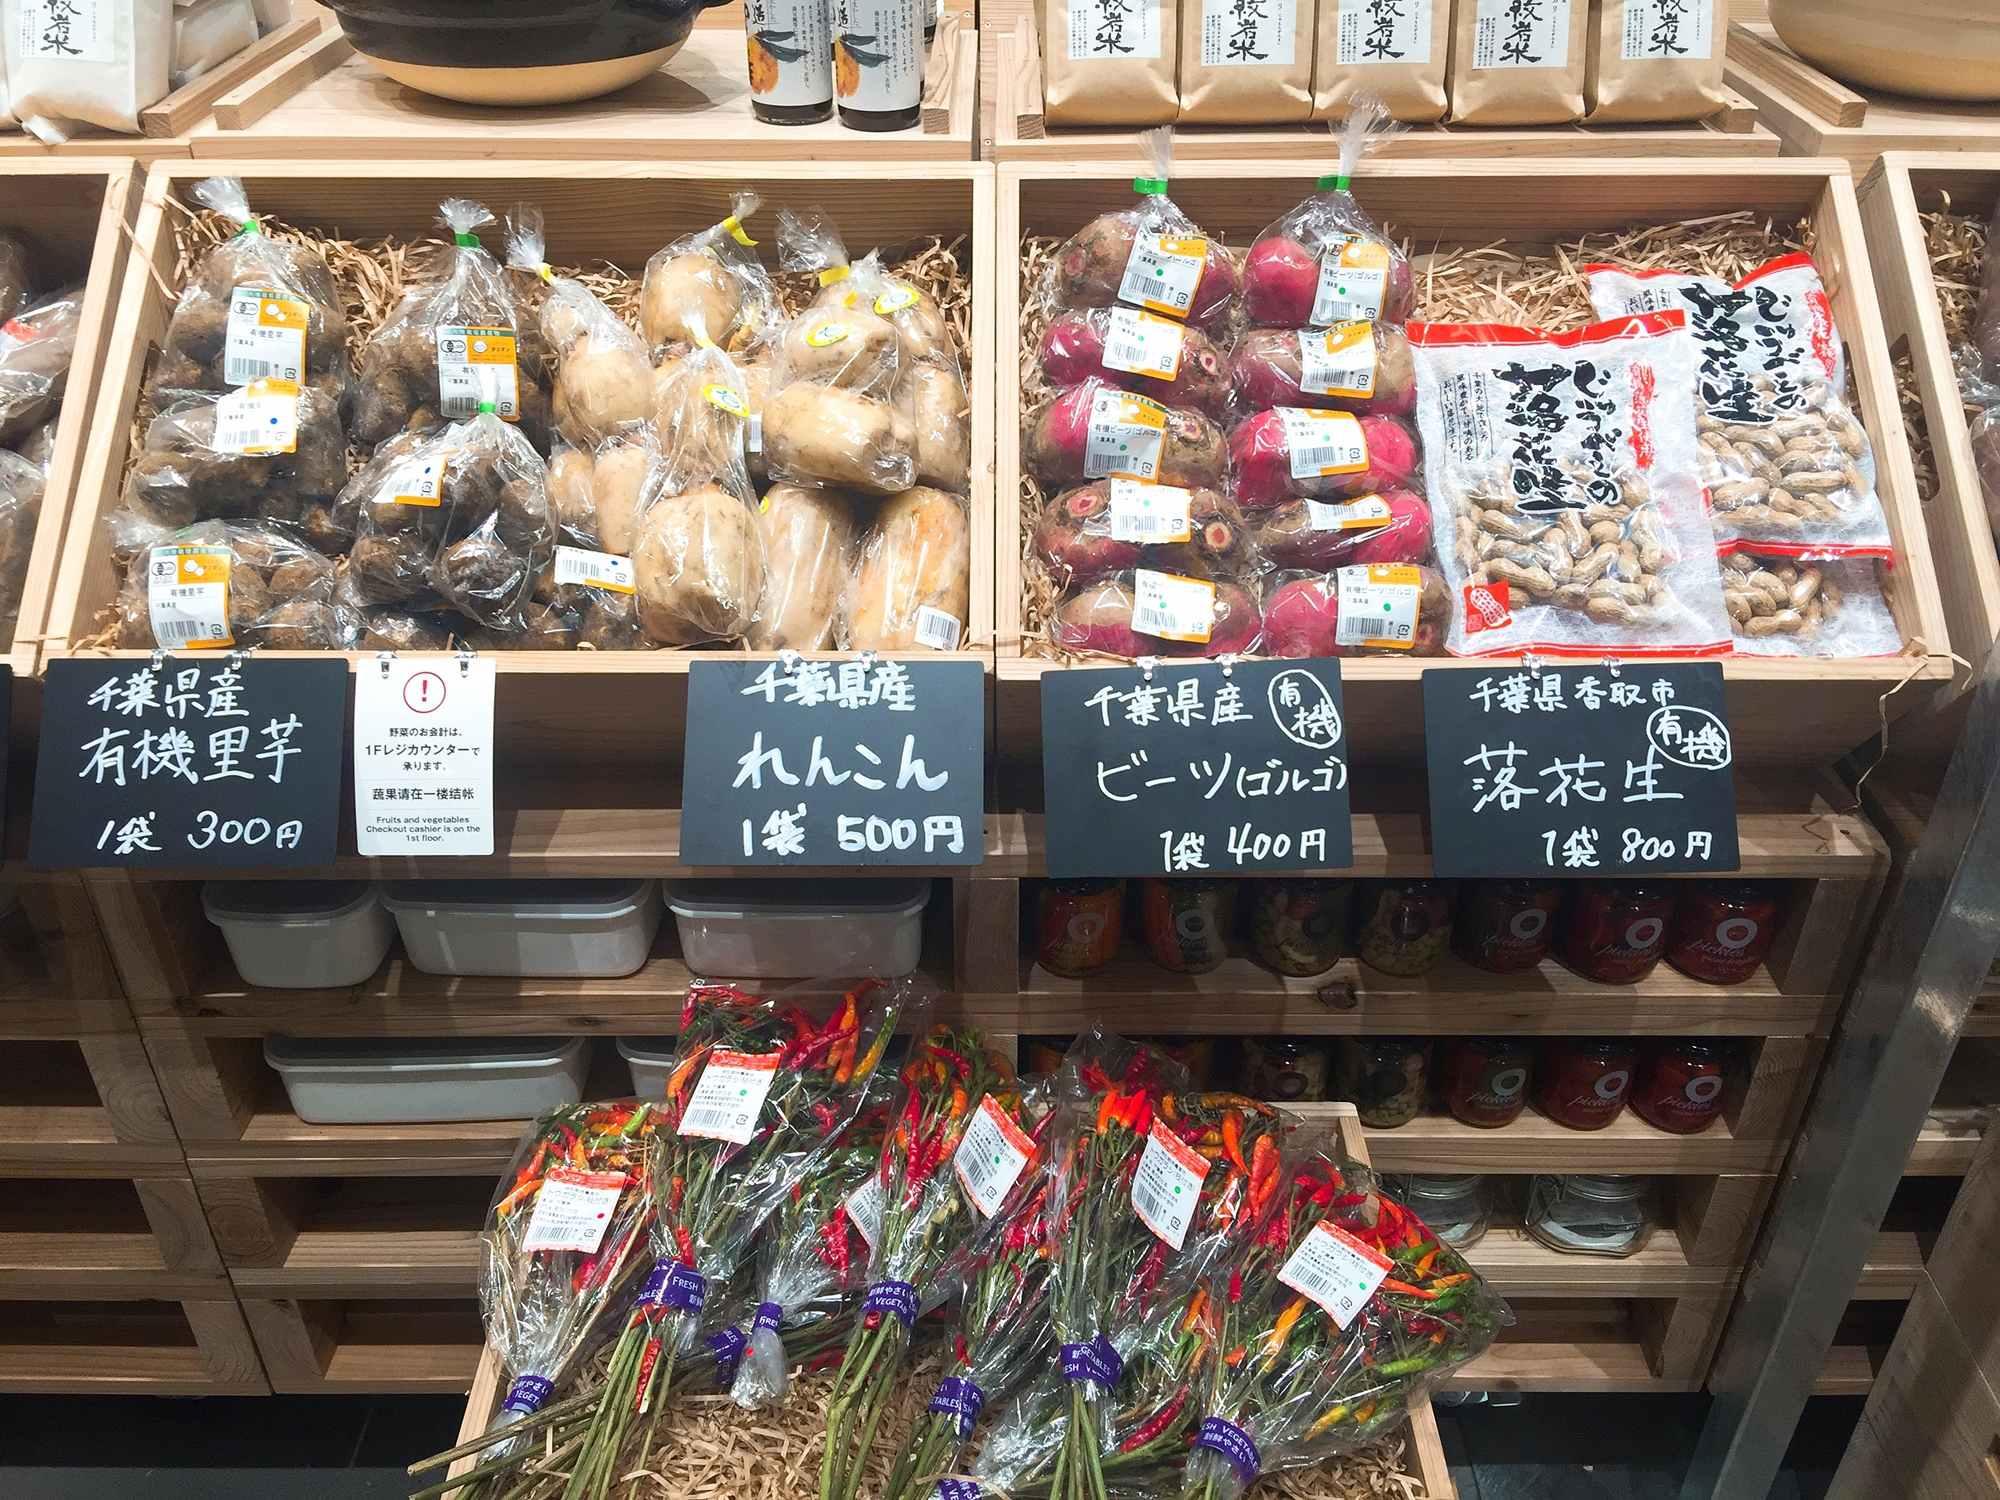 무인양품이 직접 산지 직송으로 가져오는 농산물 ©생각노트